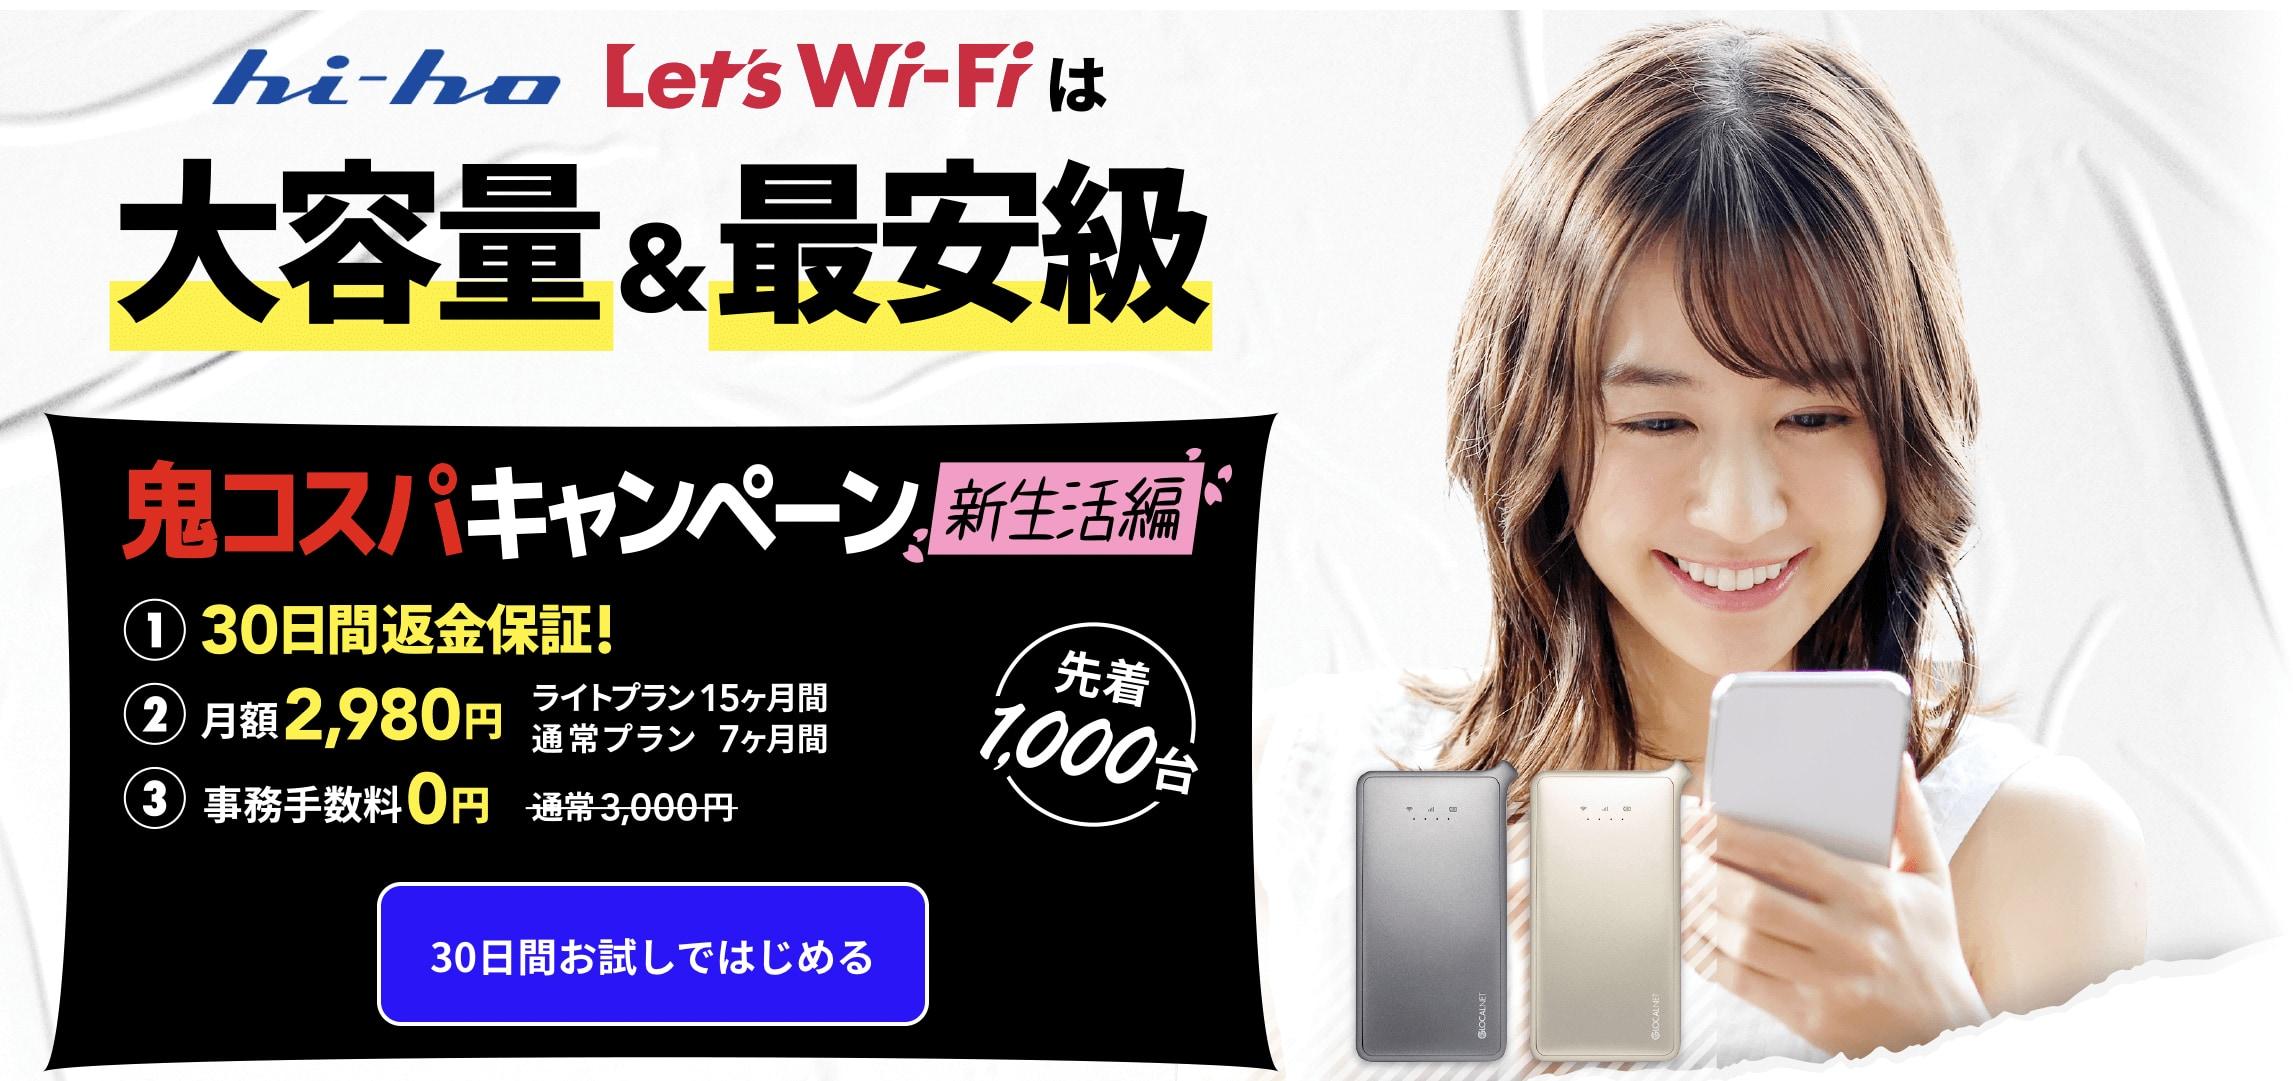 hi-ho Let' WiFi